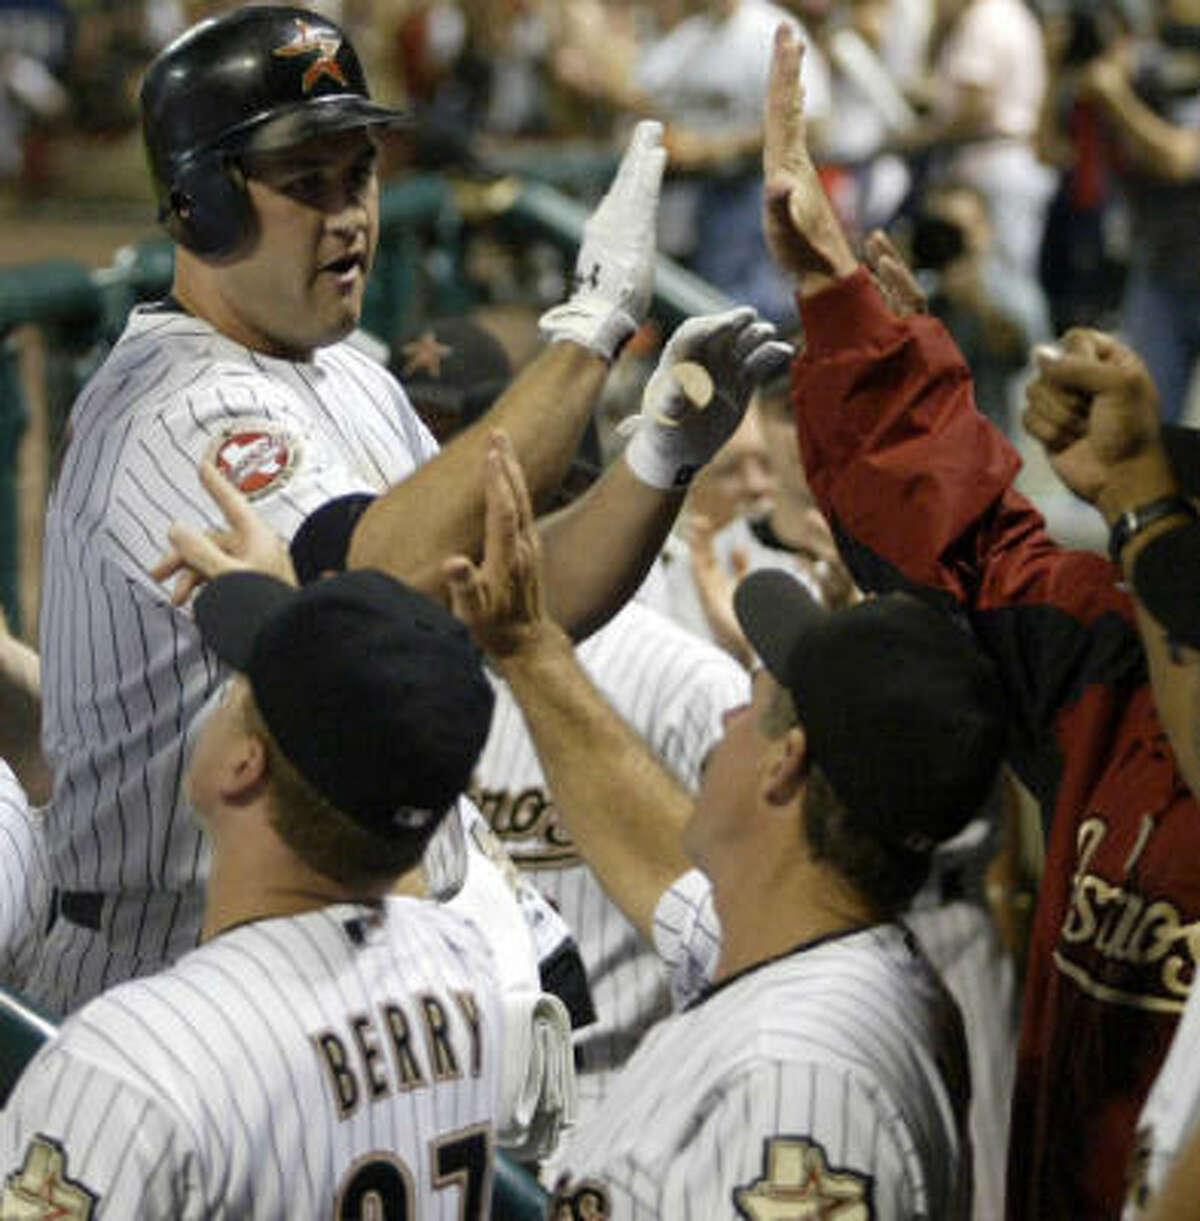 Lance Berkman (top left) is congratulated after a 452-foot home run.